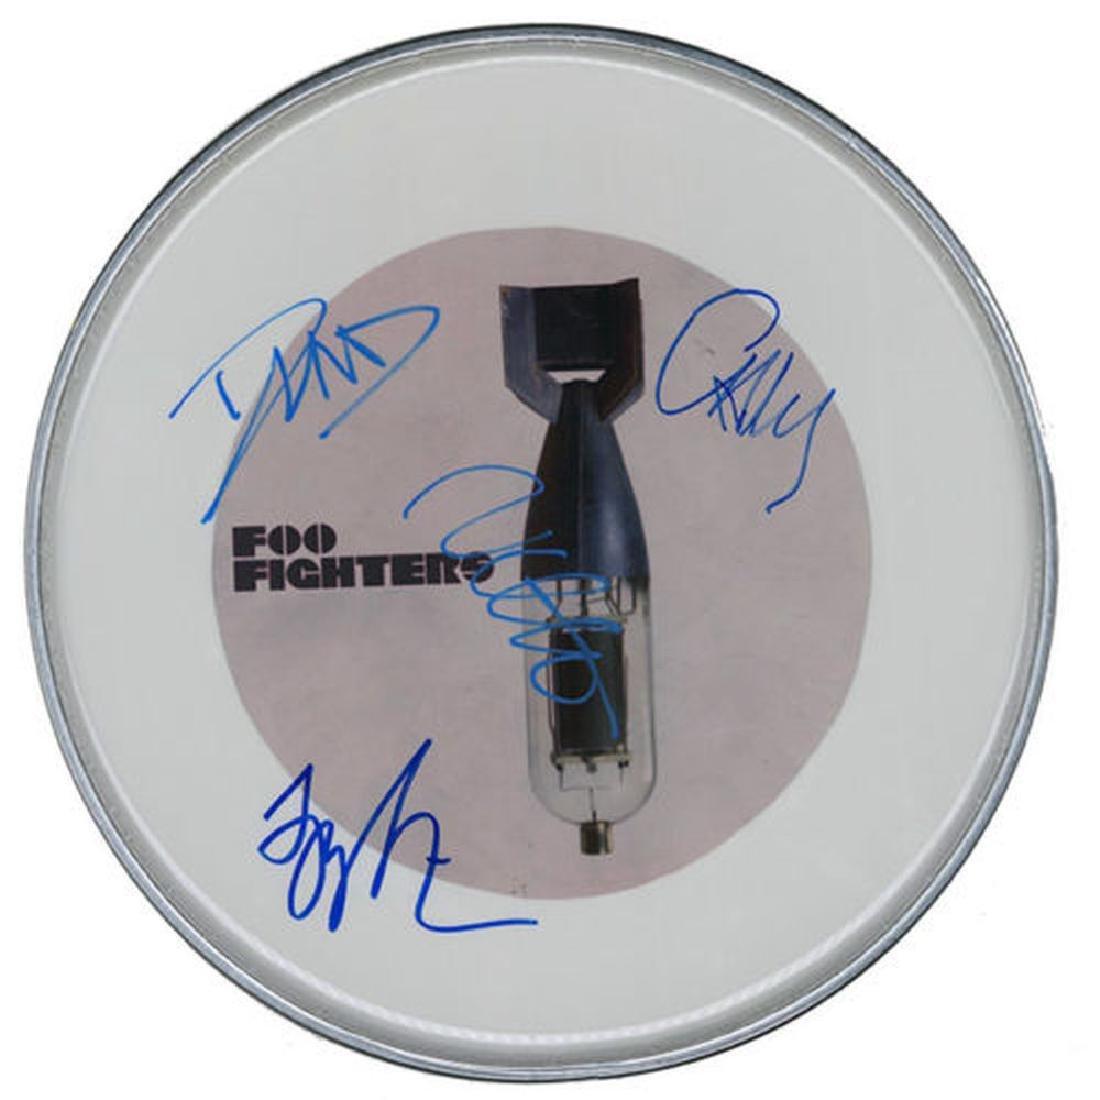 Foo Fighters Drum Head